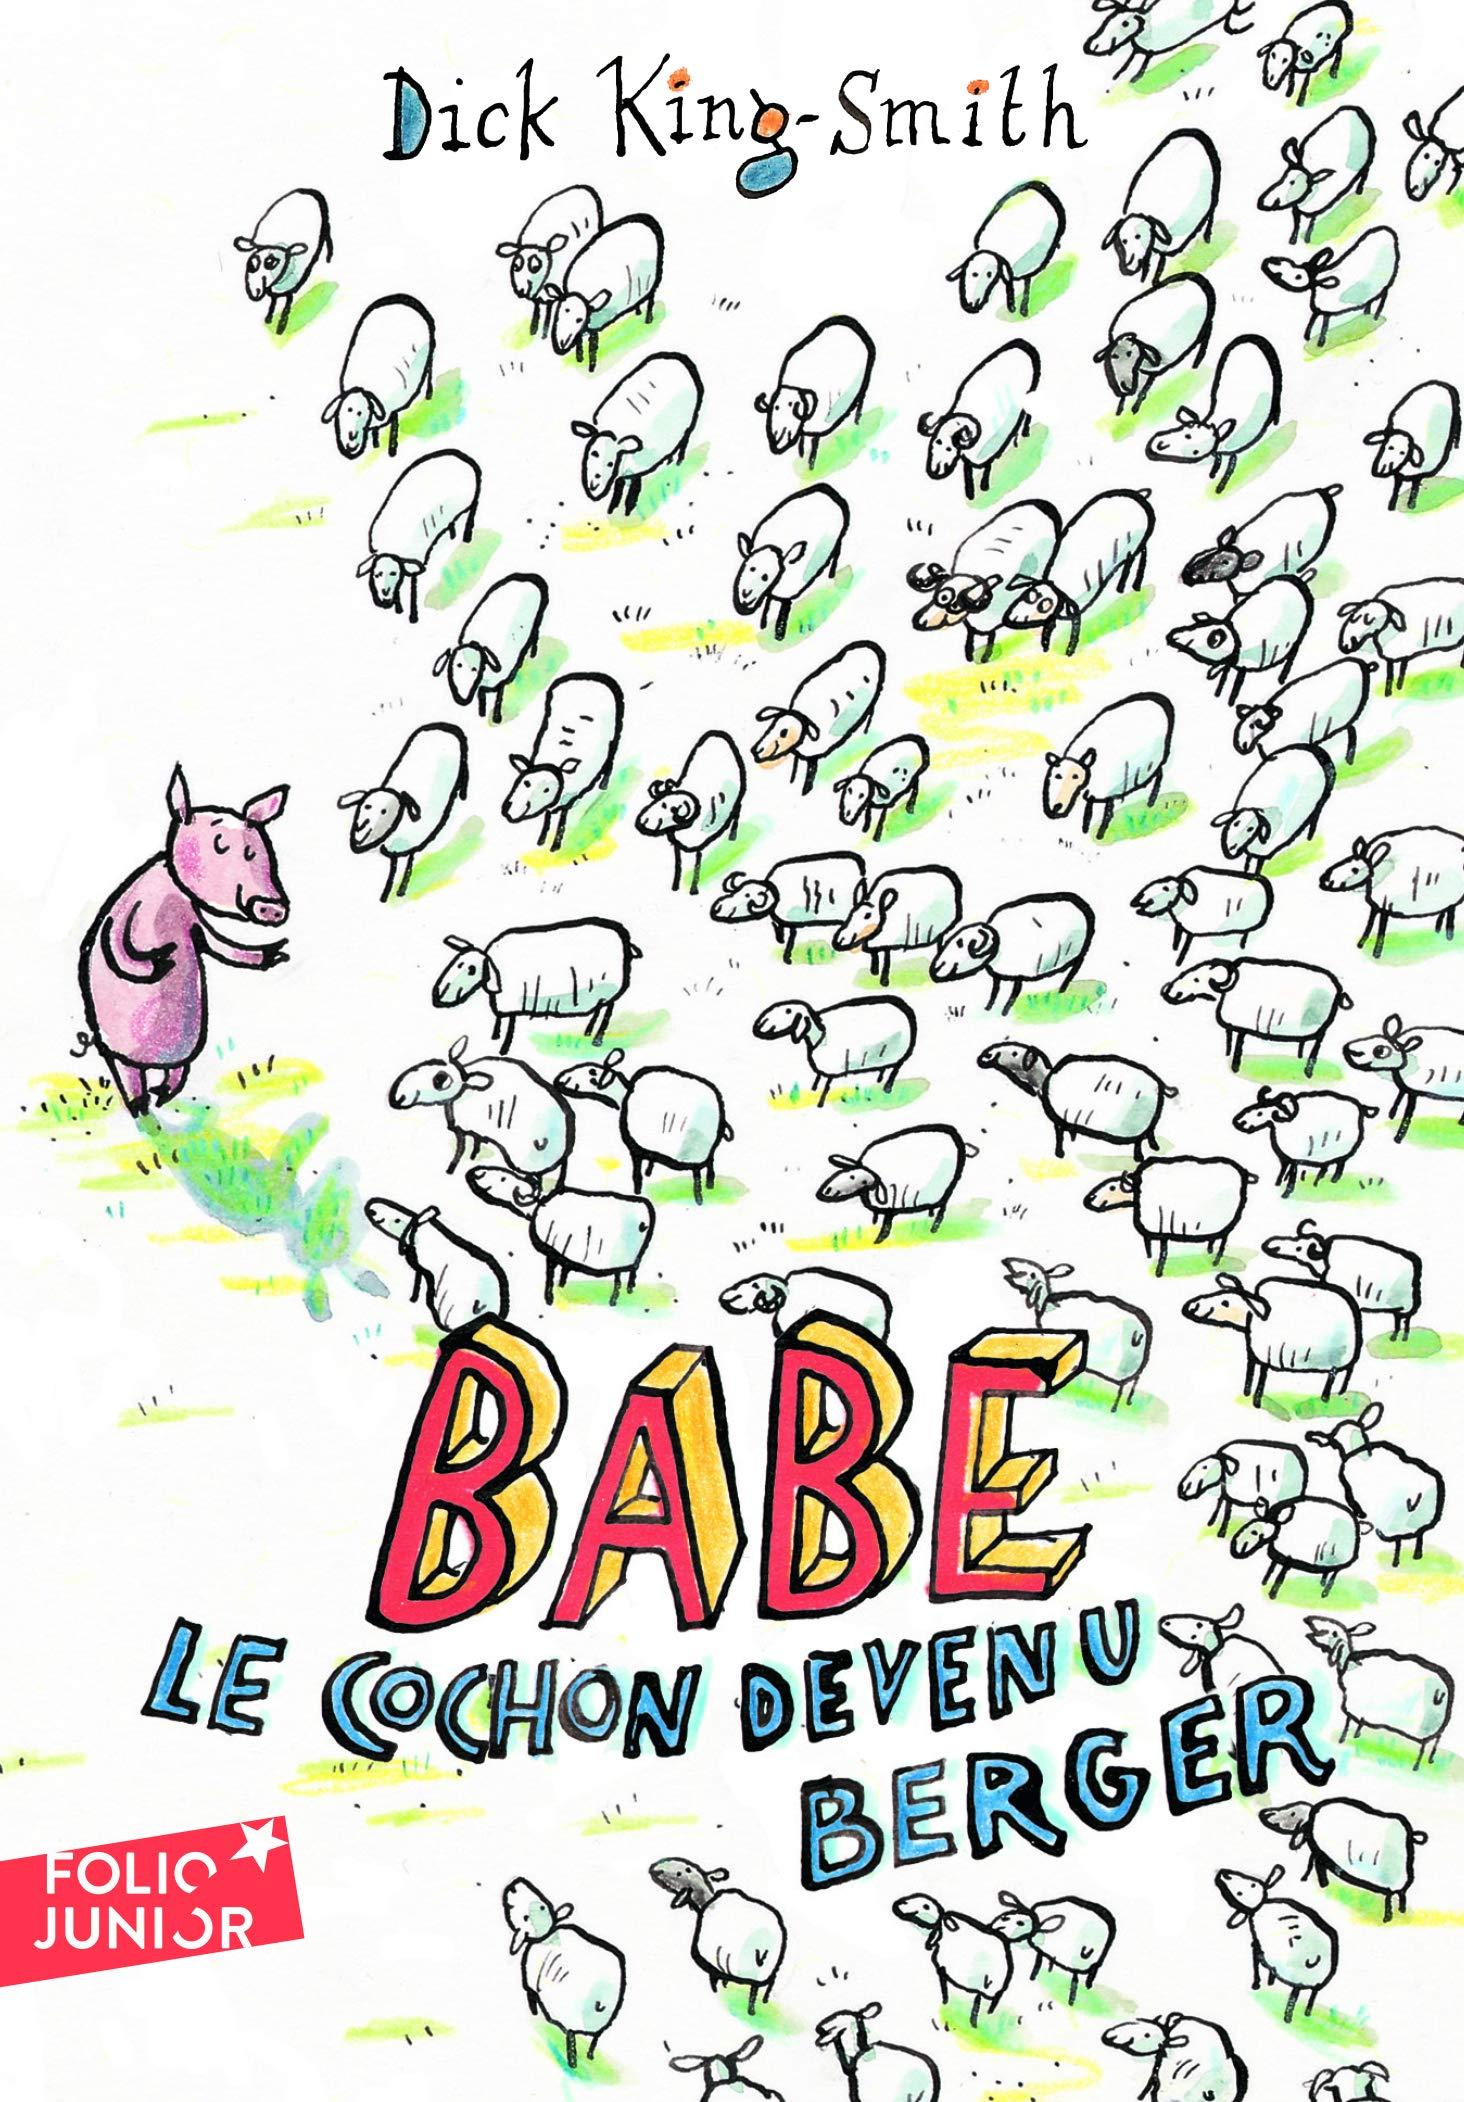 BERGER TÉLÉCHARGER BABE LE GRATUITEMENT DEVENU COCHON